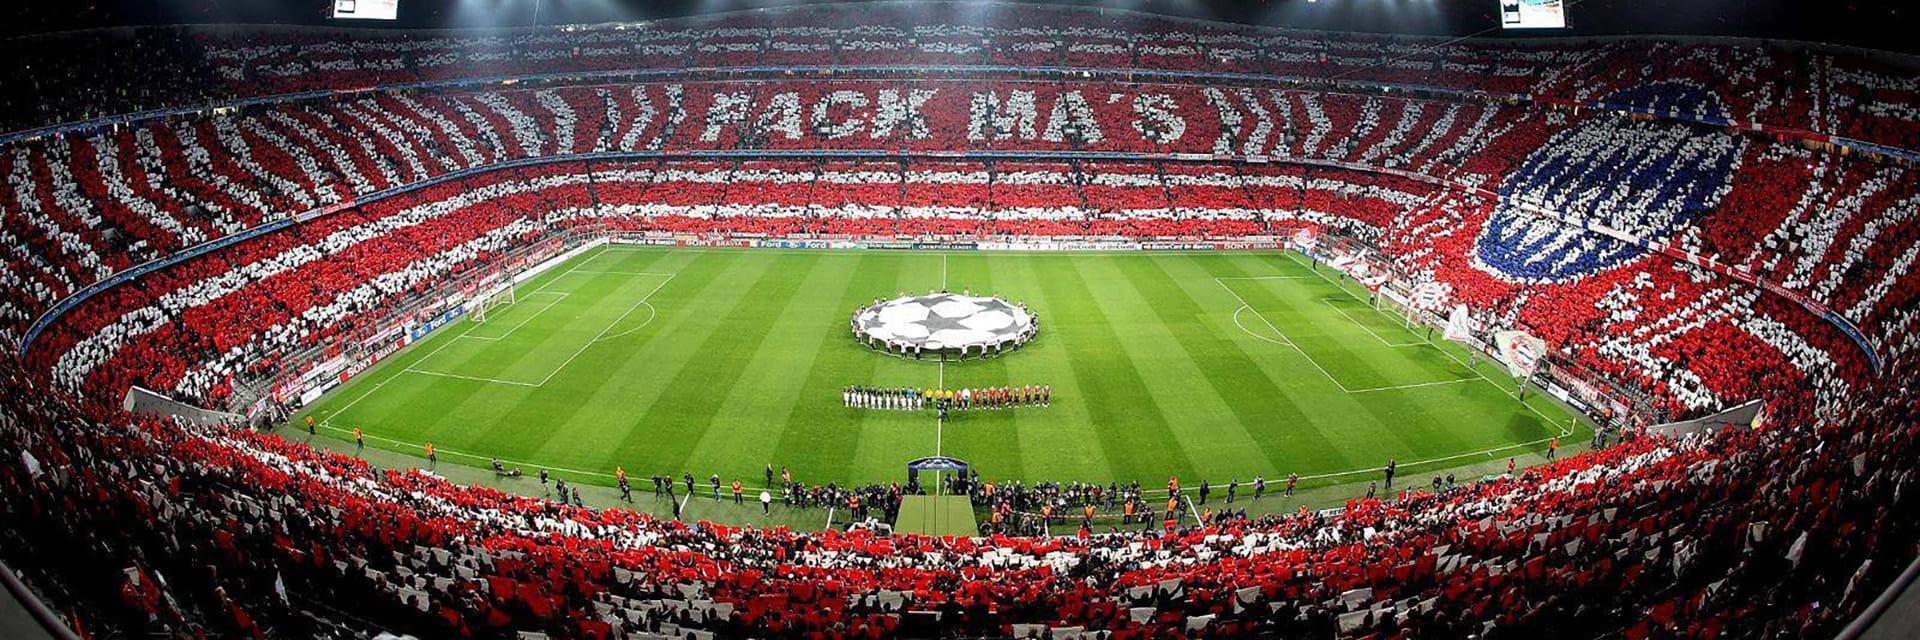 Bayern Munich - Eintracht Frankfurt, 6 Marchat 0:00